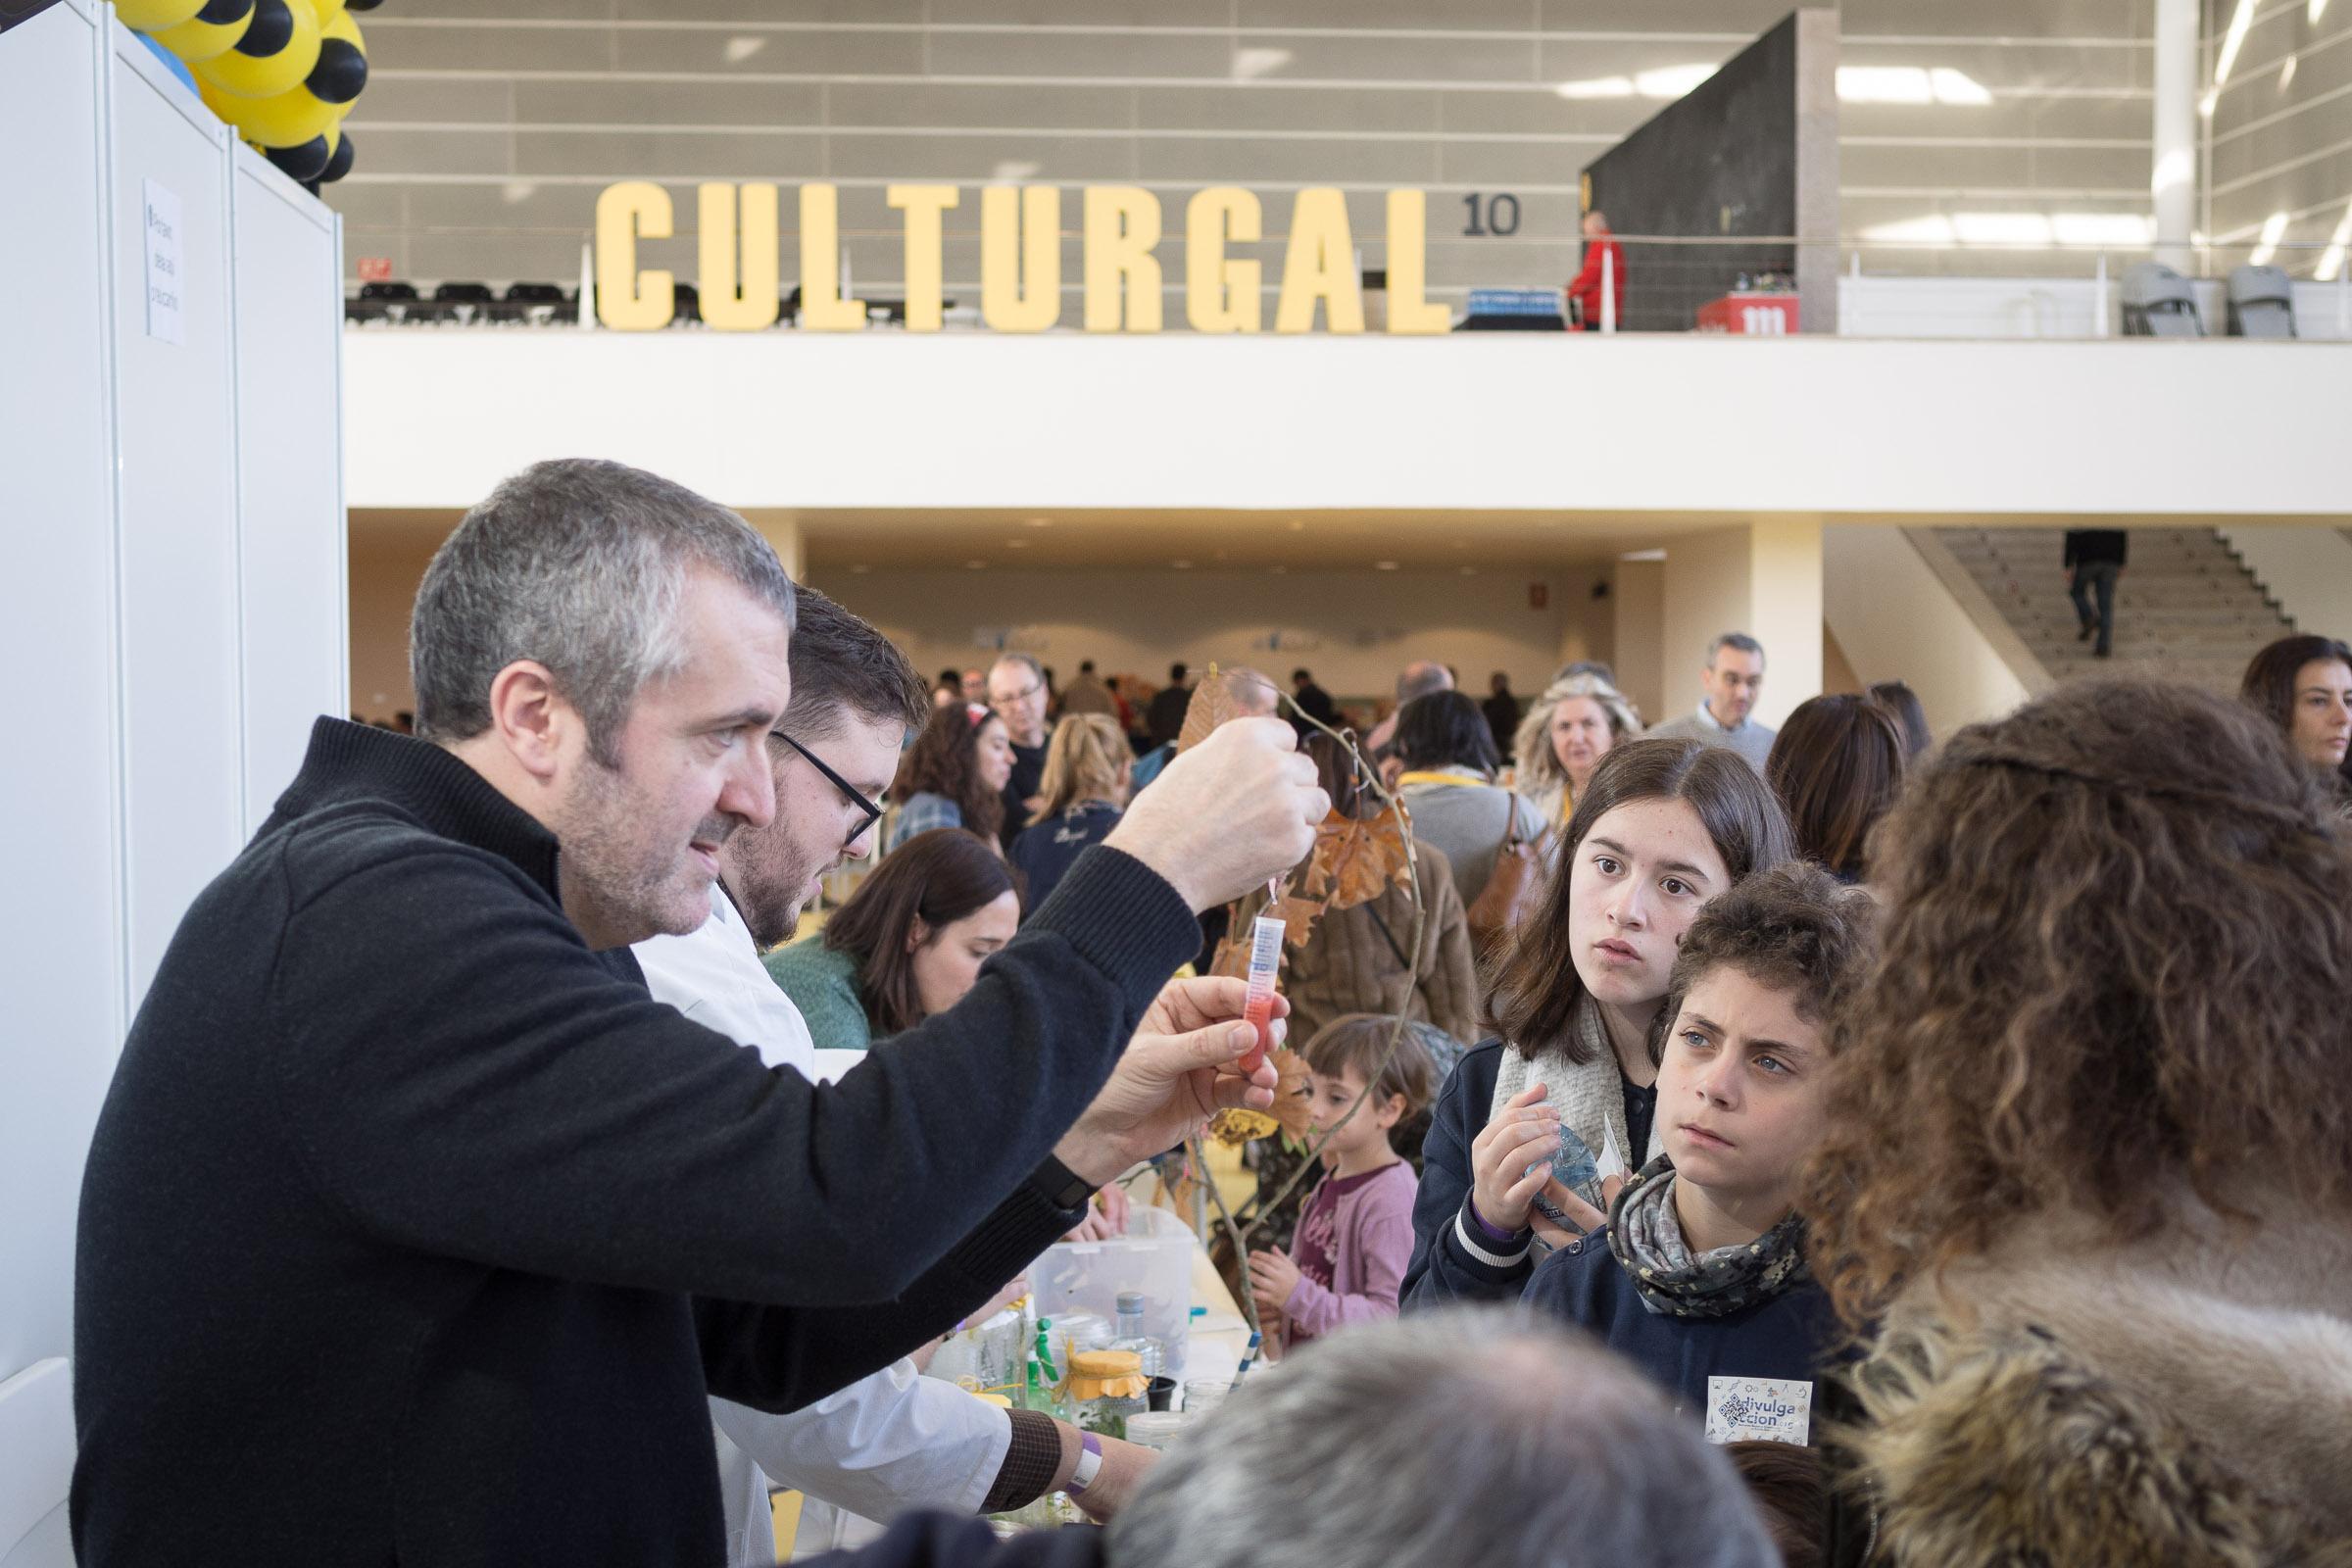 Crónica fotográfica do Culturgal 2017